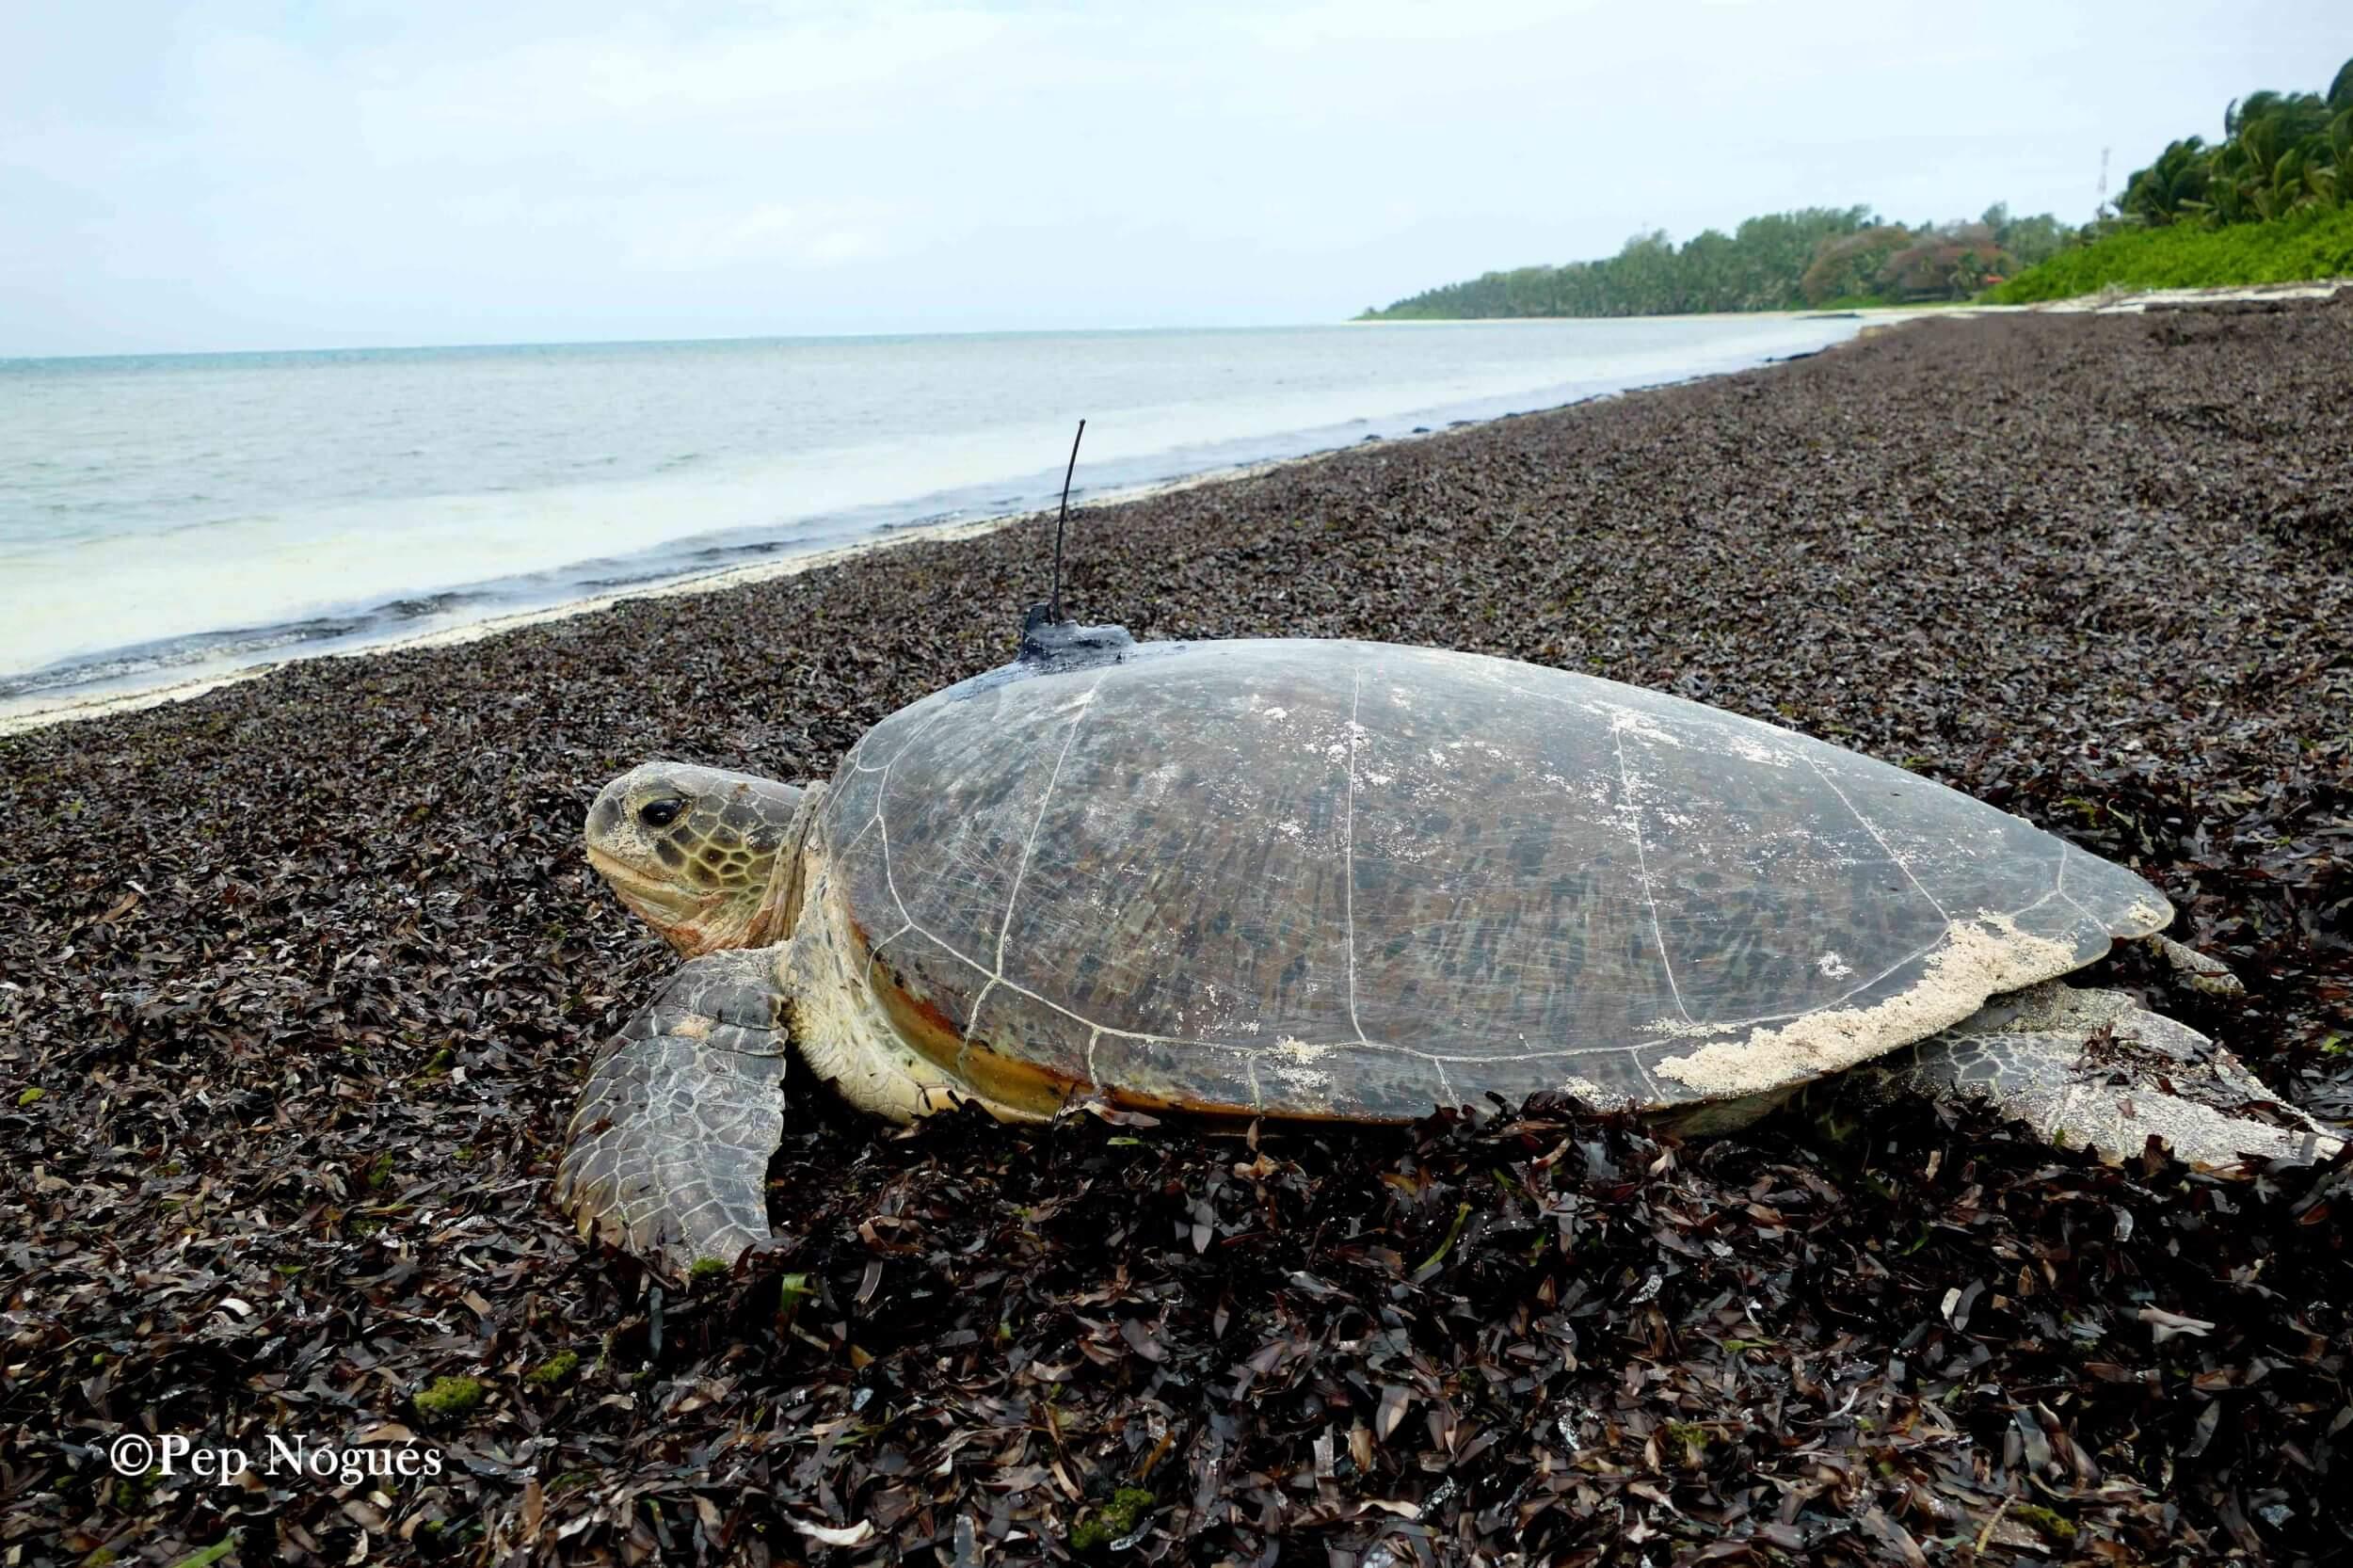 Notre première tortue verte est désormais équipée de balise – 4 août 2017